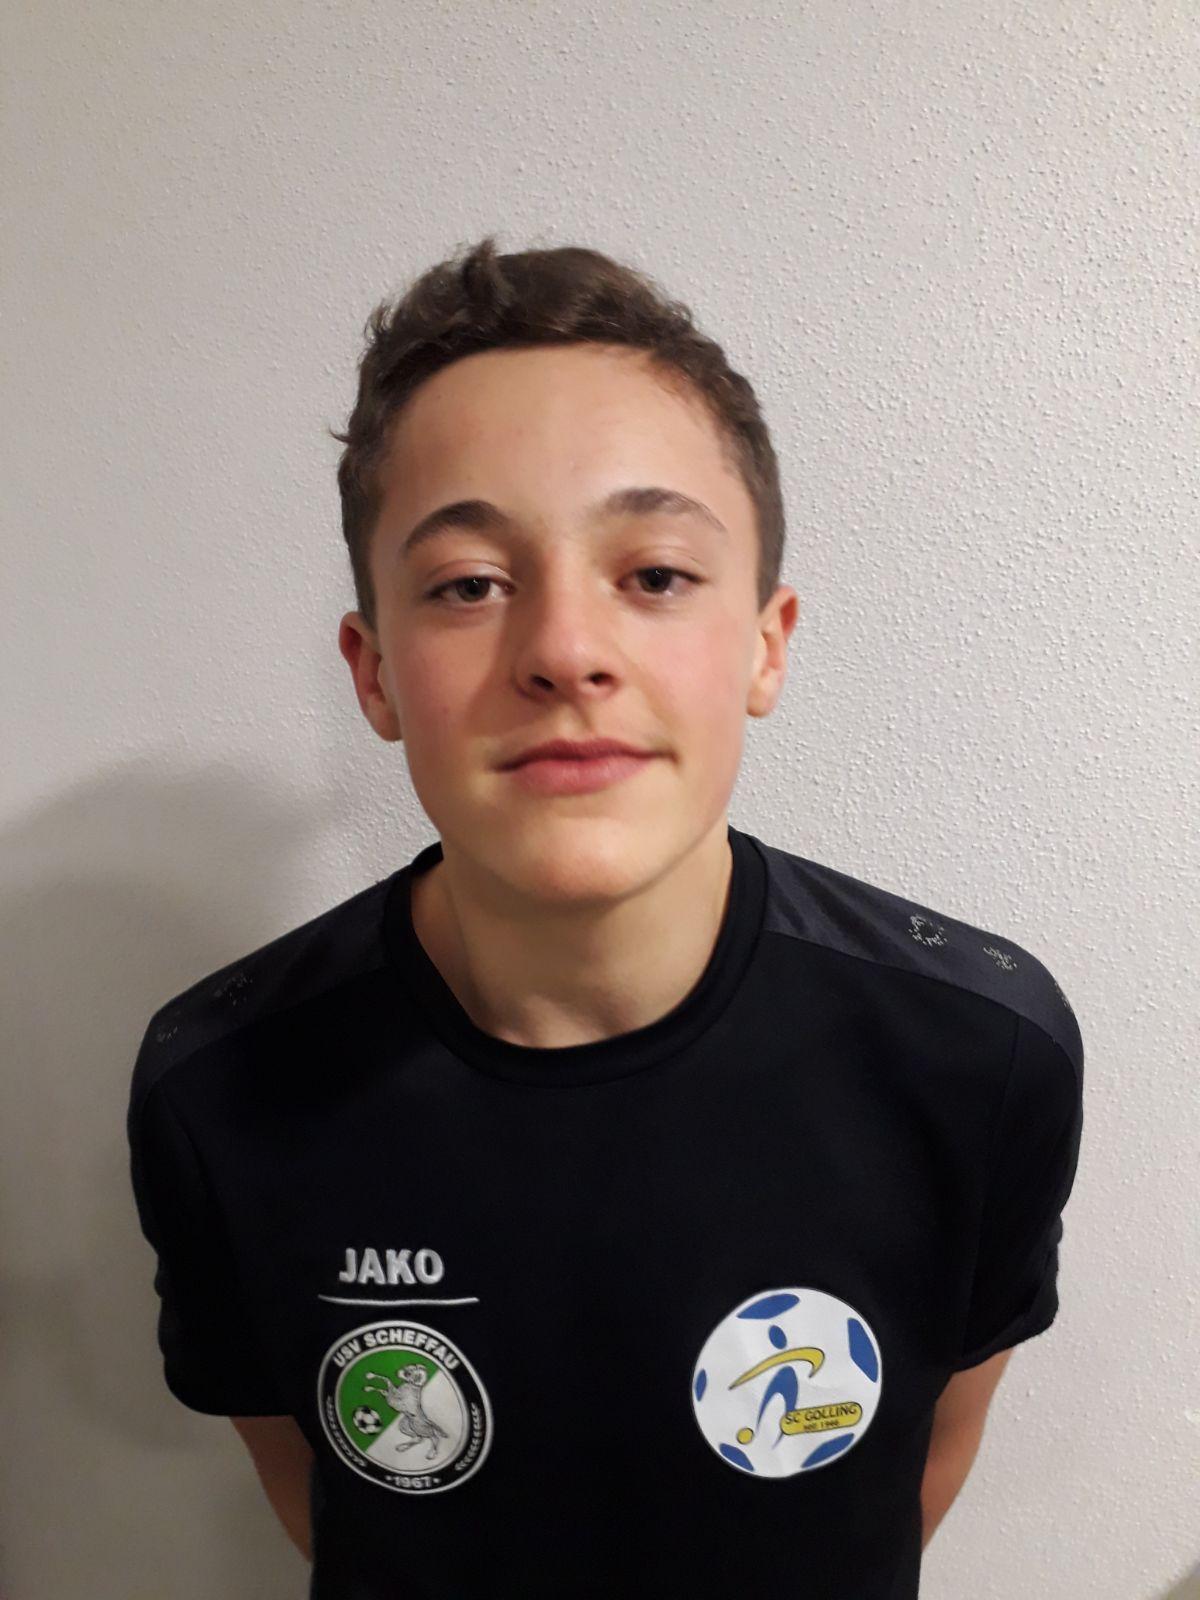 Marco Golser